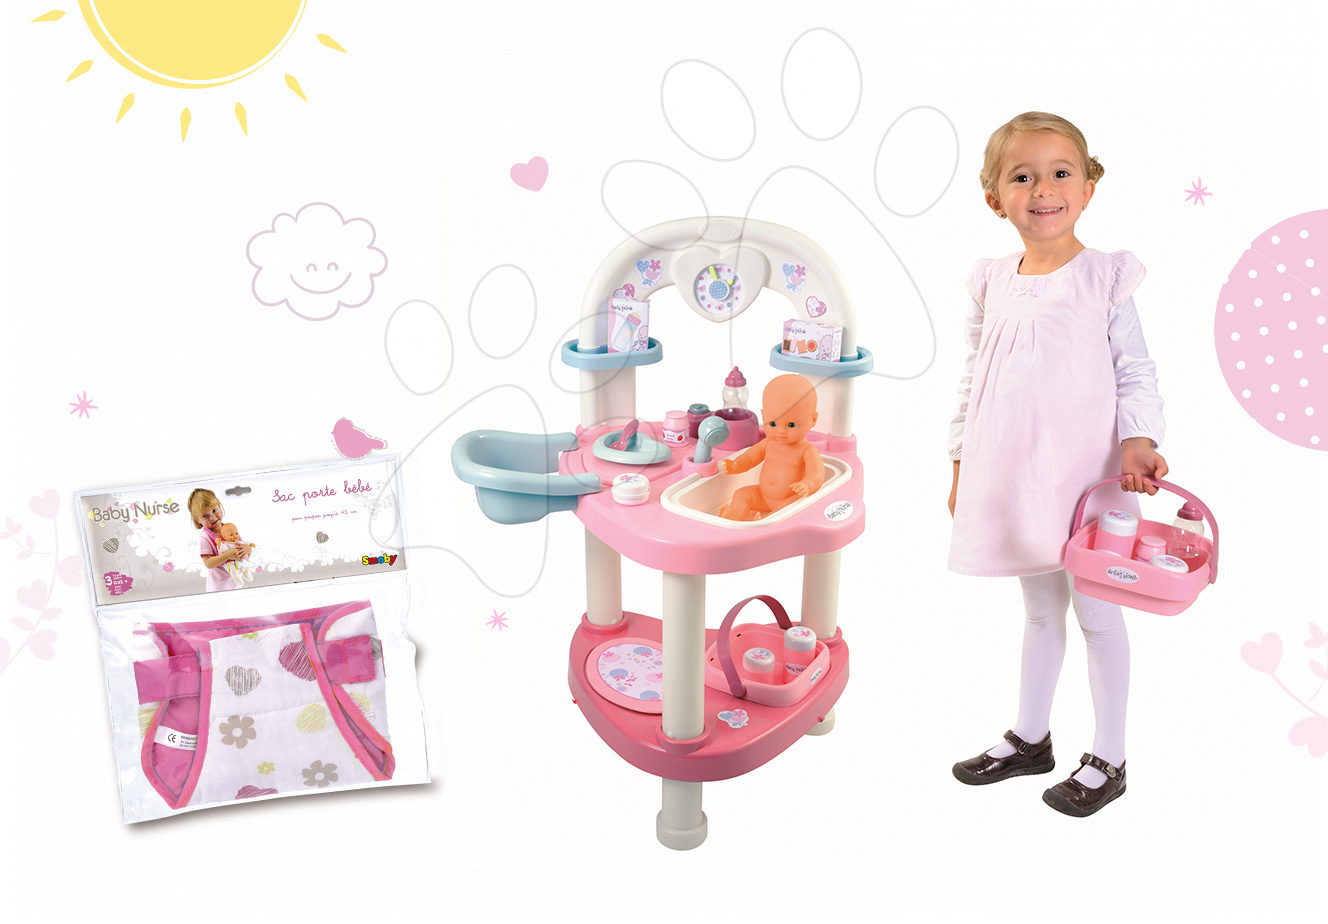 Domčeky pre bábiky sety - Set prebaľovací stôl pre bábiku Baby Nurse Smoby a nosič klokanka pre bábiku